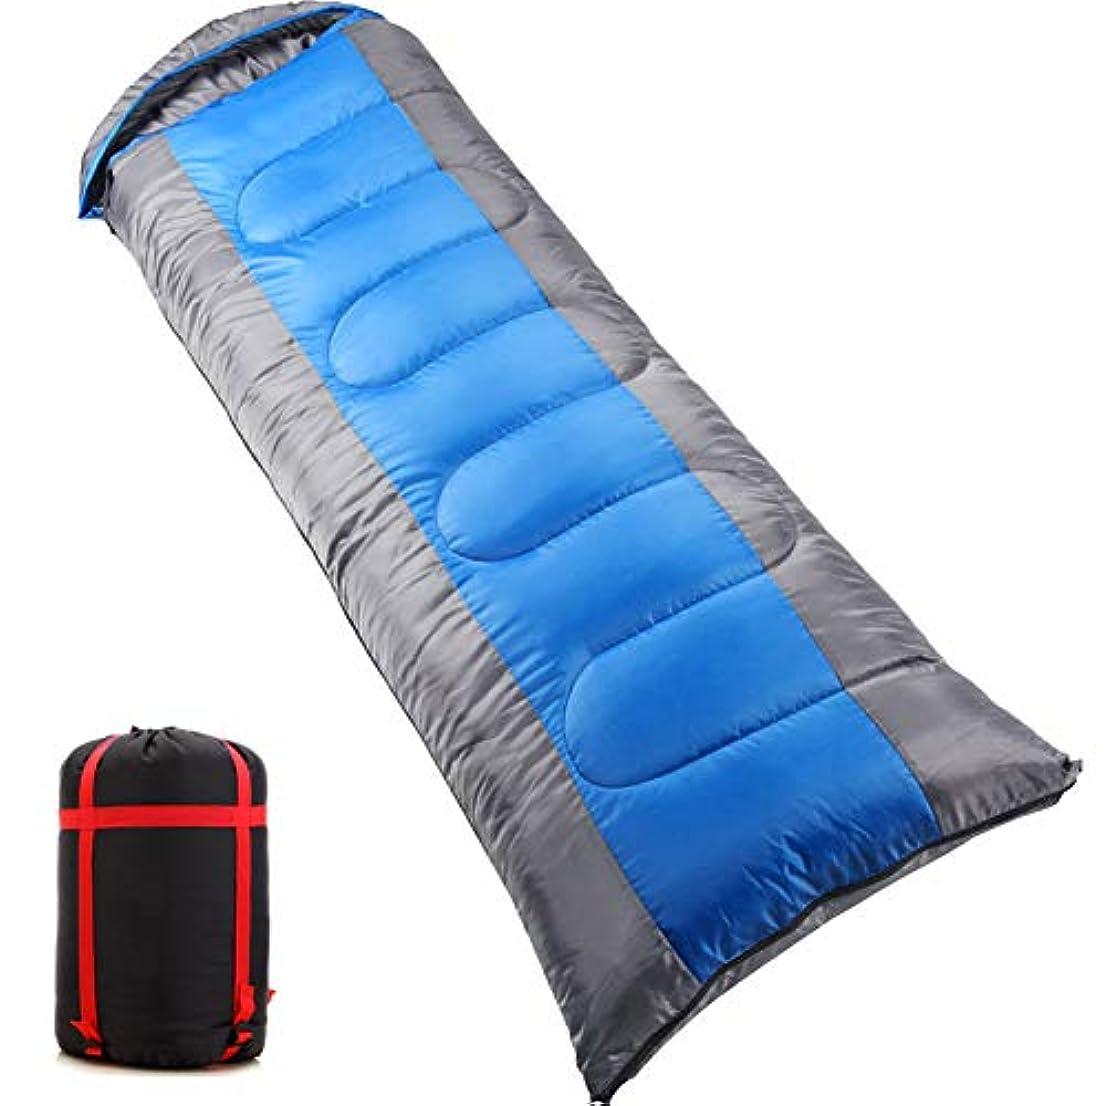 キャンドル第安全キャンプ用寝袋、 軽量で圧縮バッグ付き防水バッグ 屋外の秋と冬の厚い大人のランチブレイク寝袋